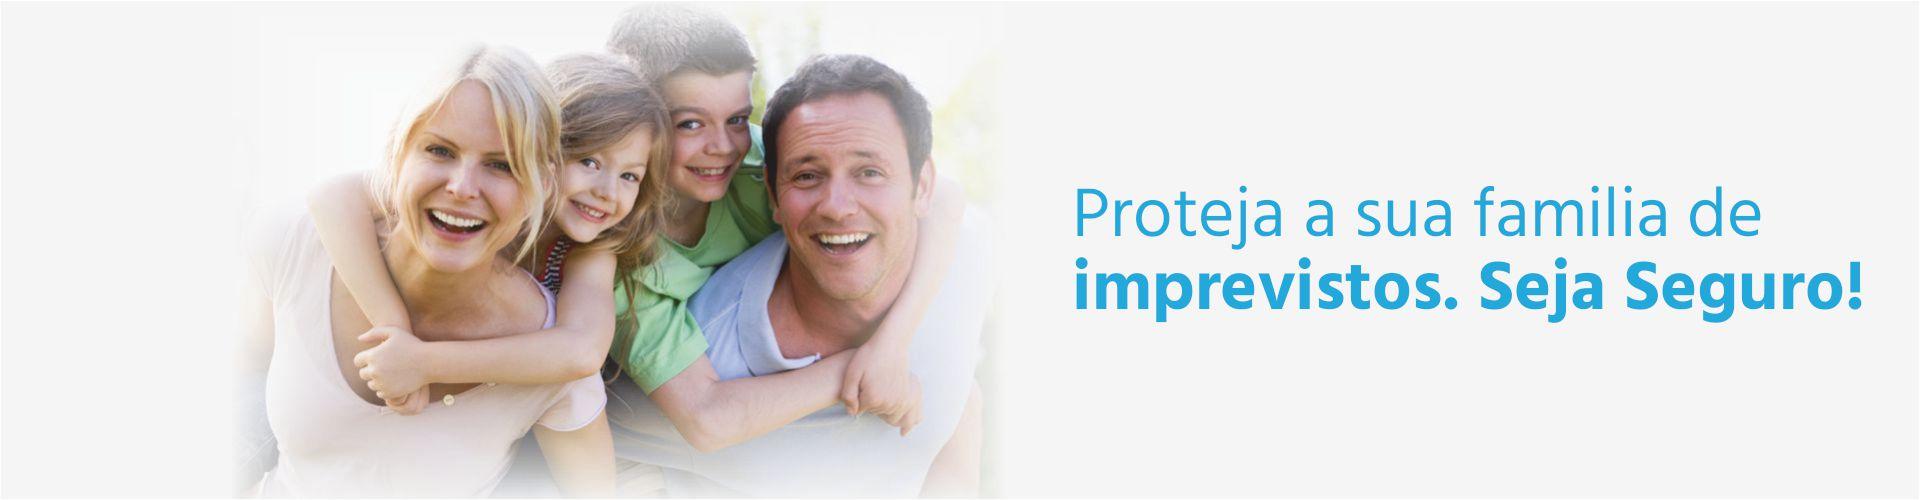 Particulares - Cuidar dos Seguros é garante das finanças familiares